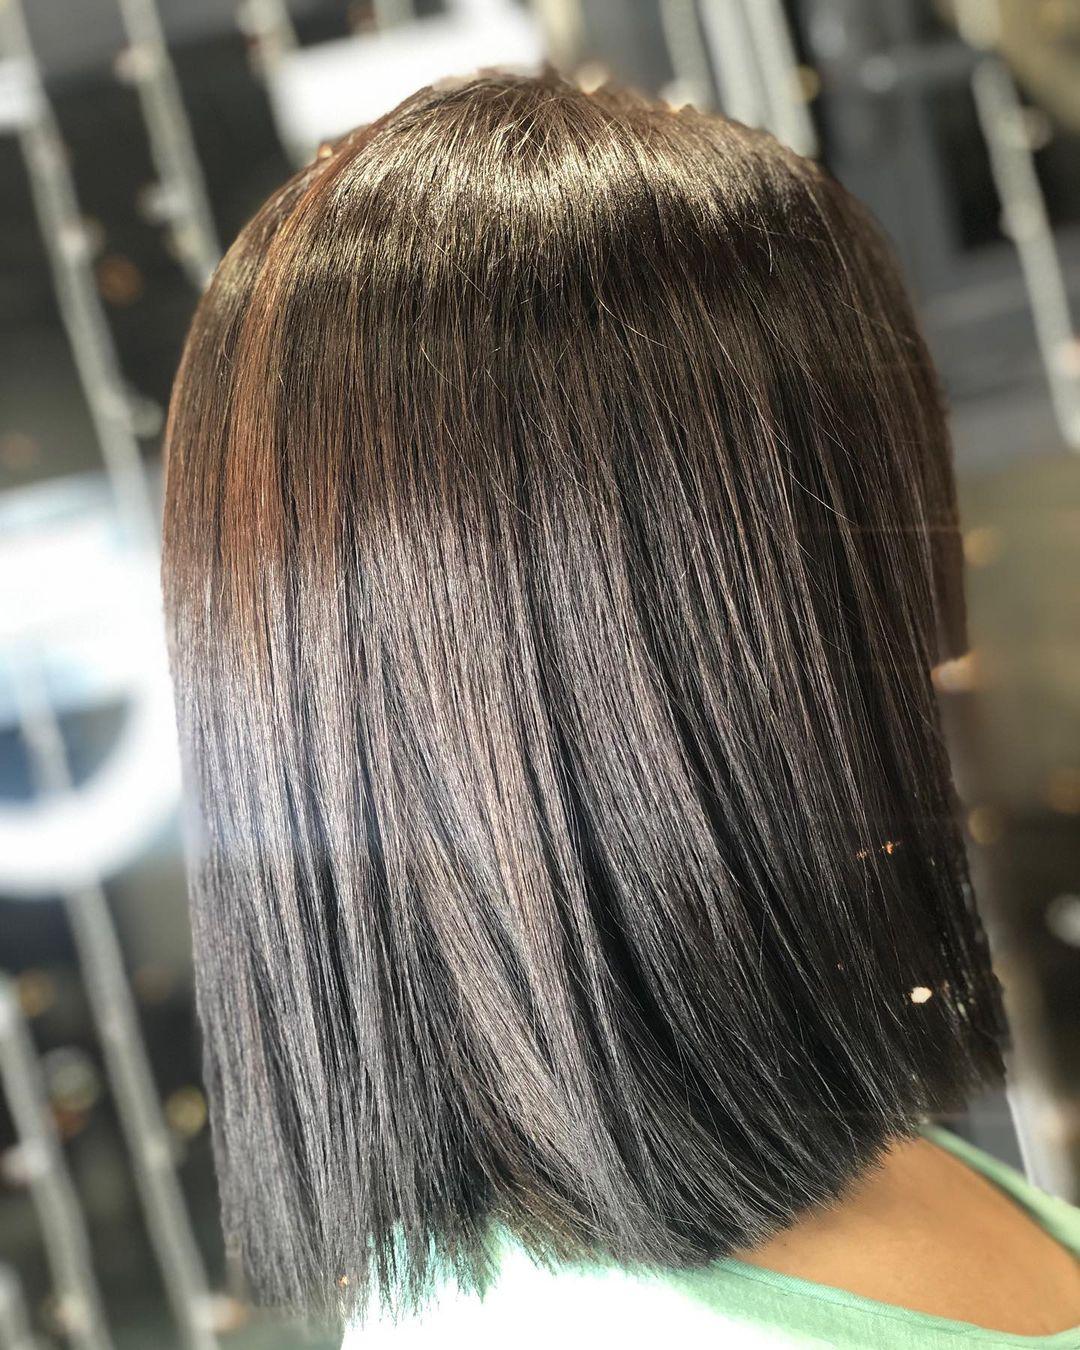 Масло волос: Как часто нужно красить корни волос? Сложно точно сказать, так как скорость роста вол...